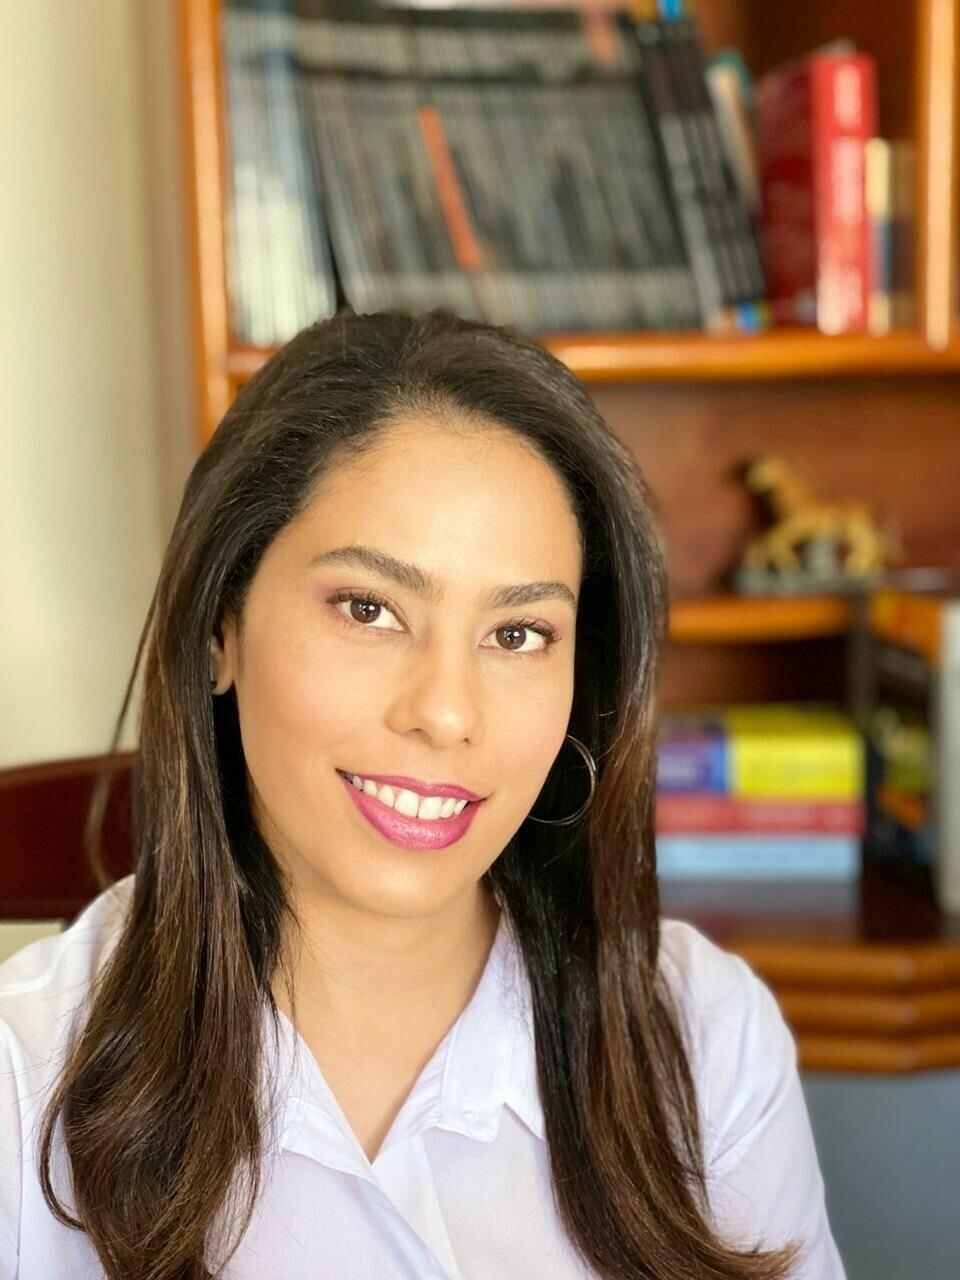 Myrian Carolina Queiroz Oliveira